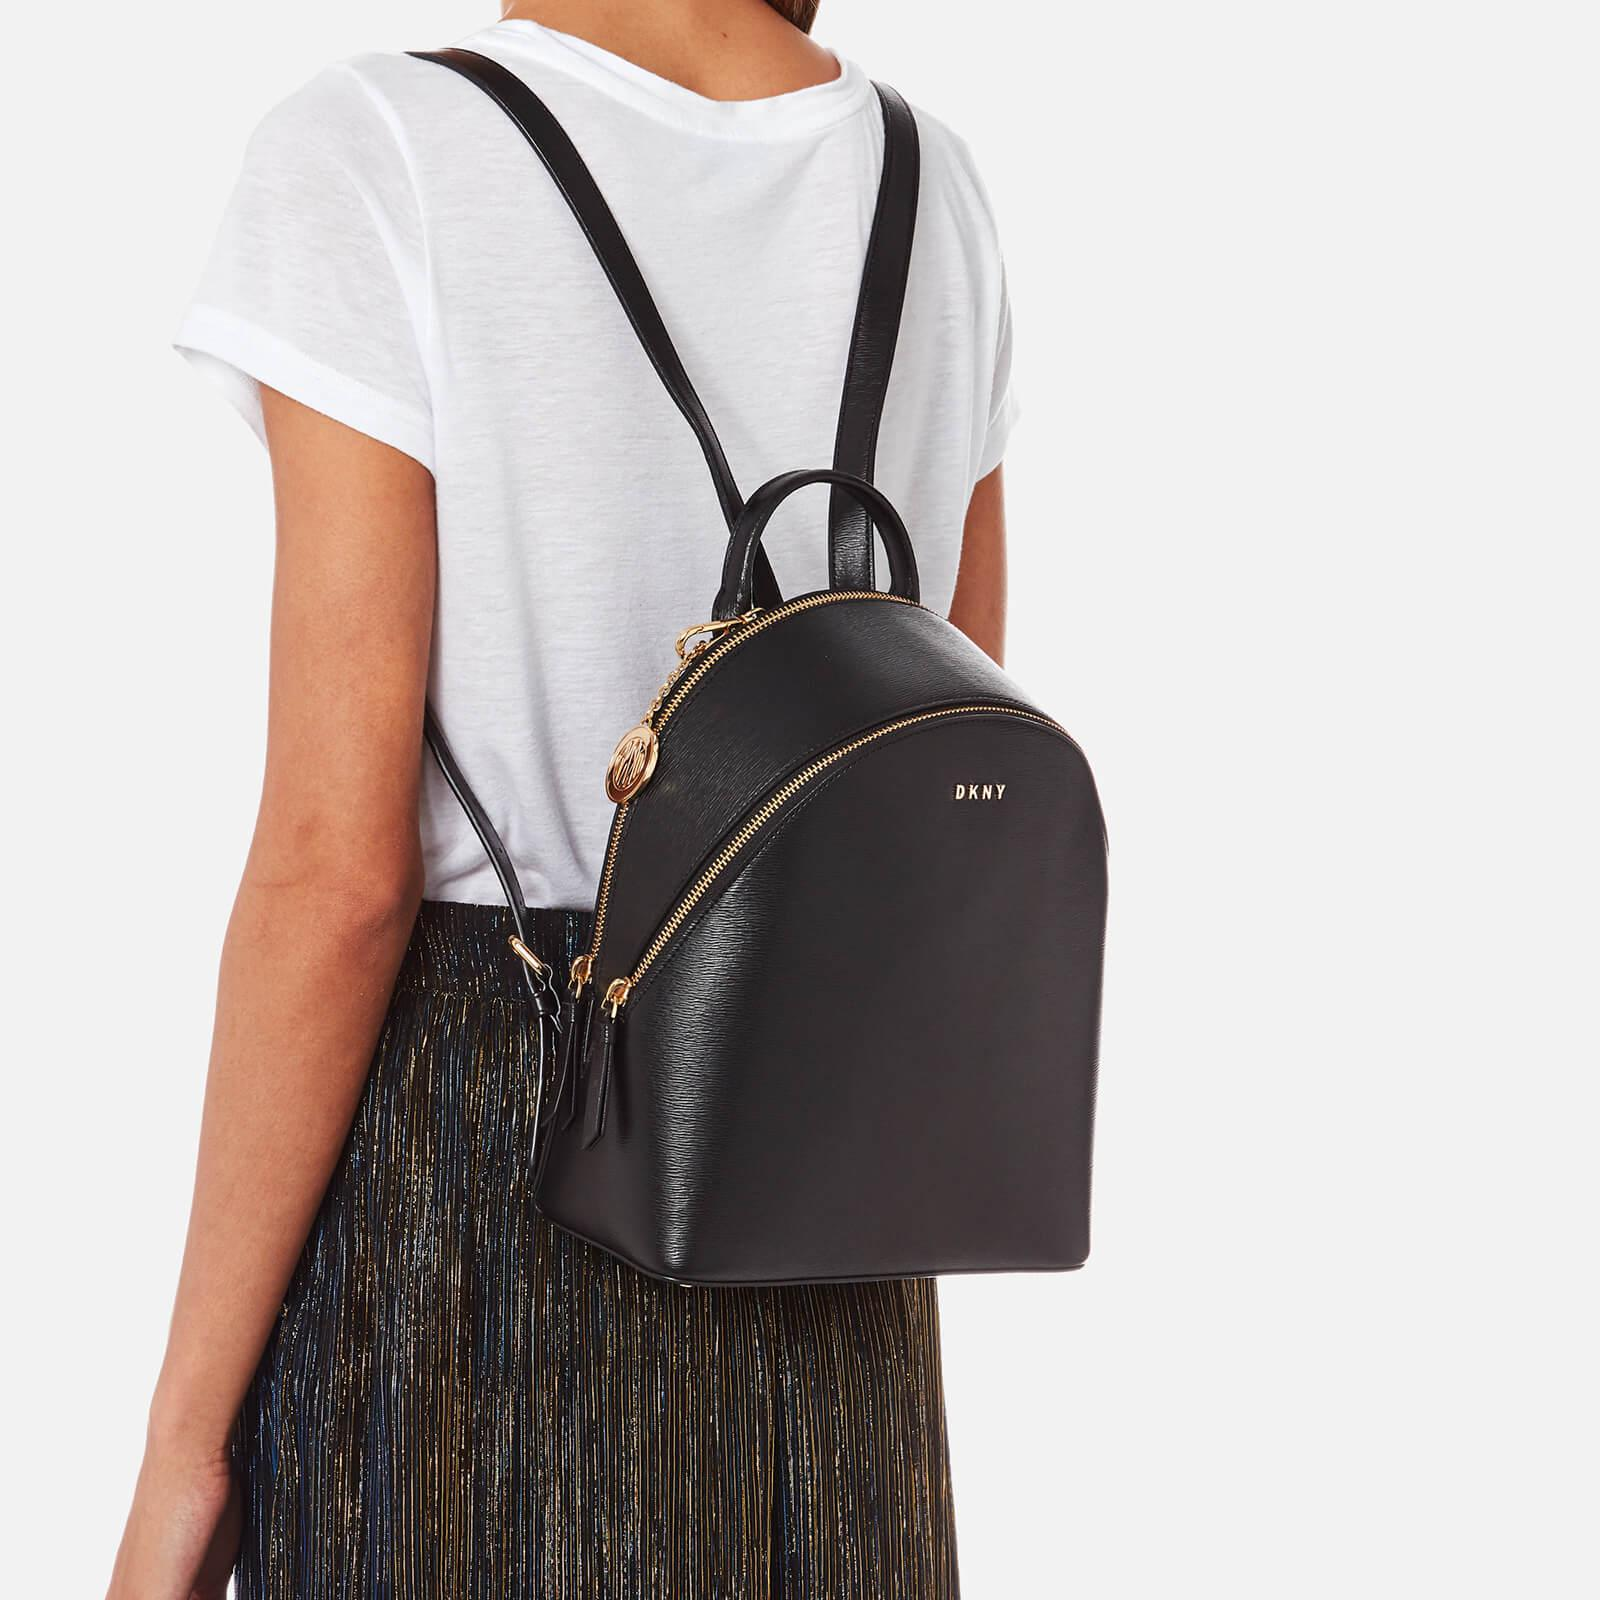 DKNY Bryant Medium Backpack in Black - Lyst 4f605dd7f0fc5